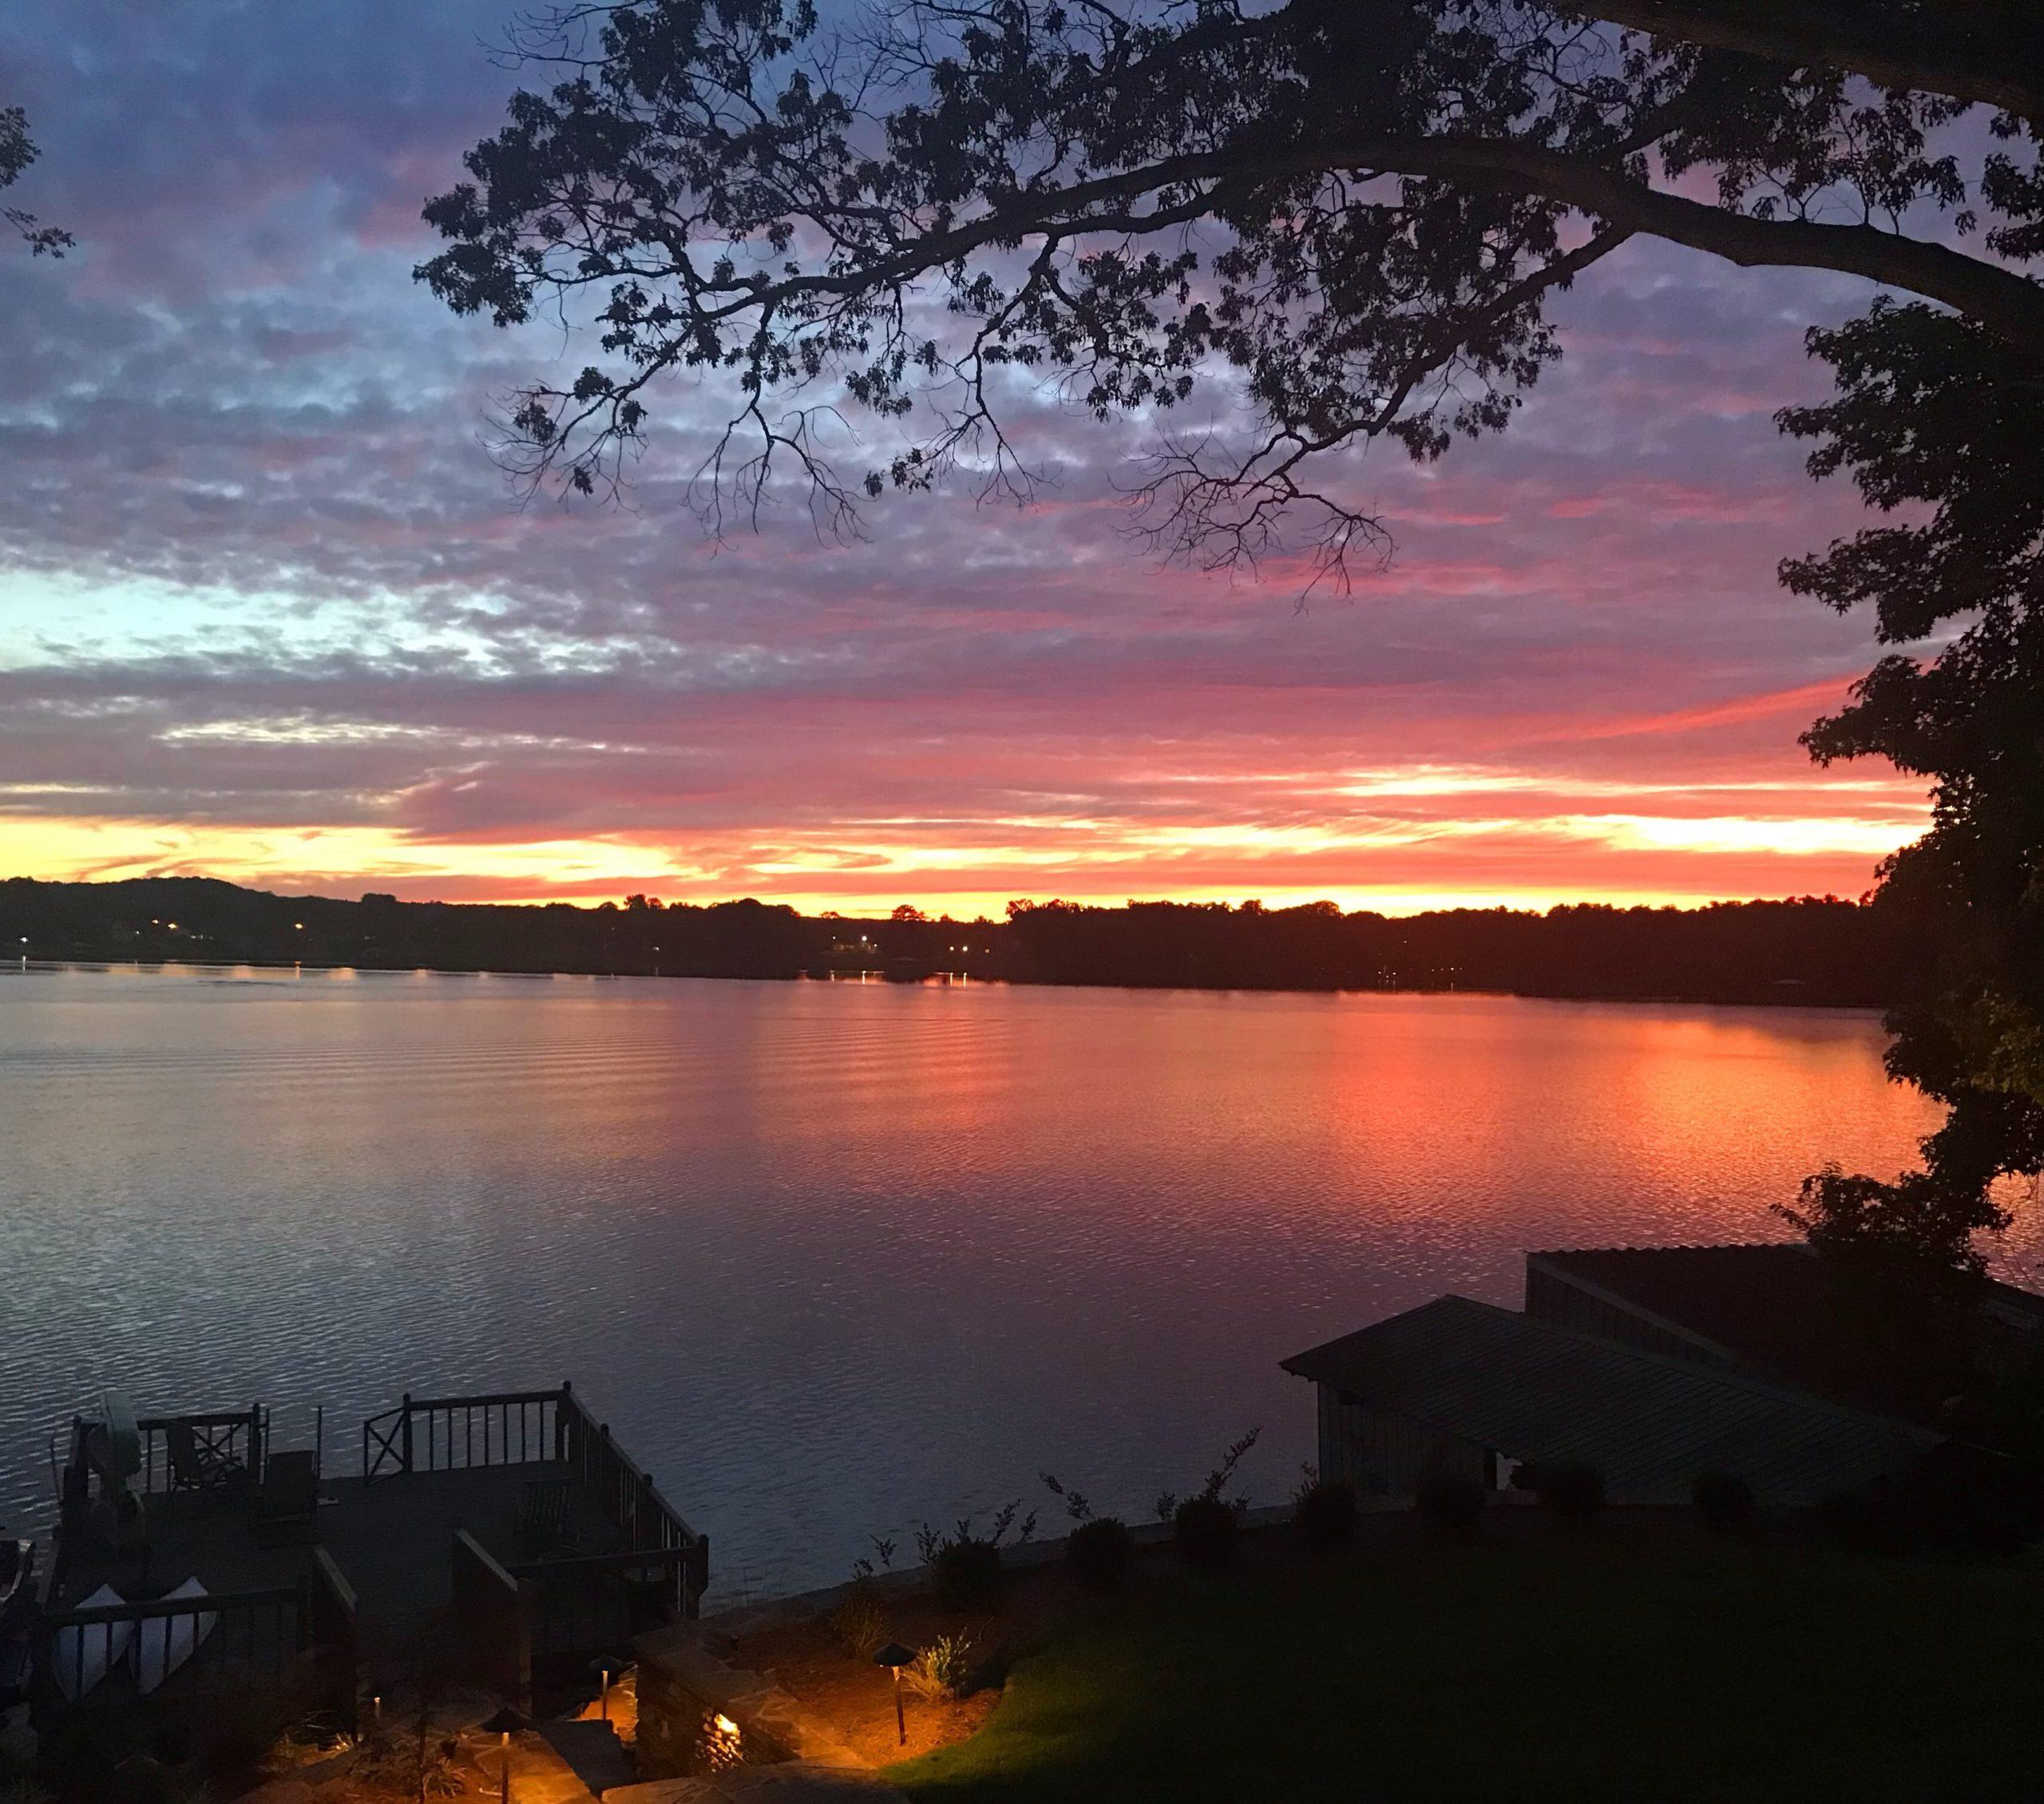 Lake Nicol